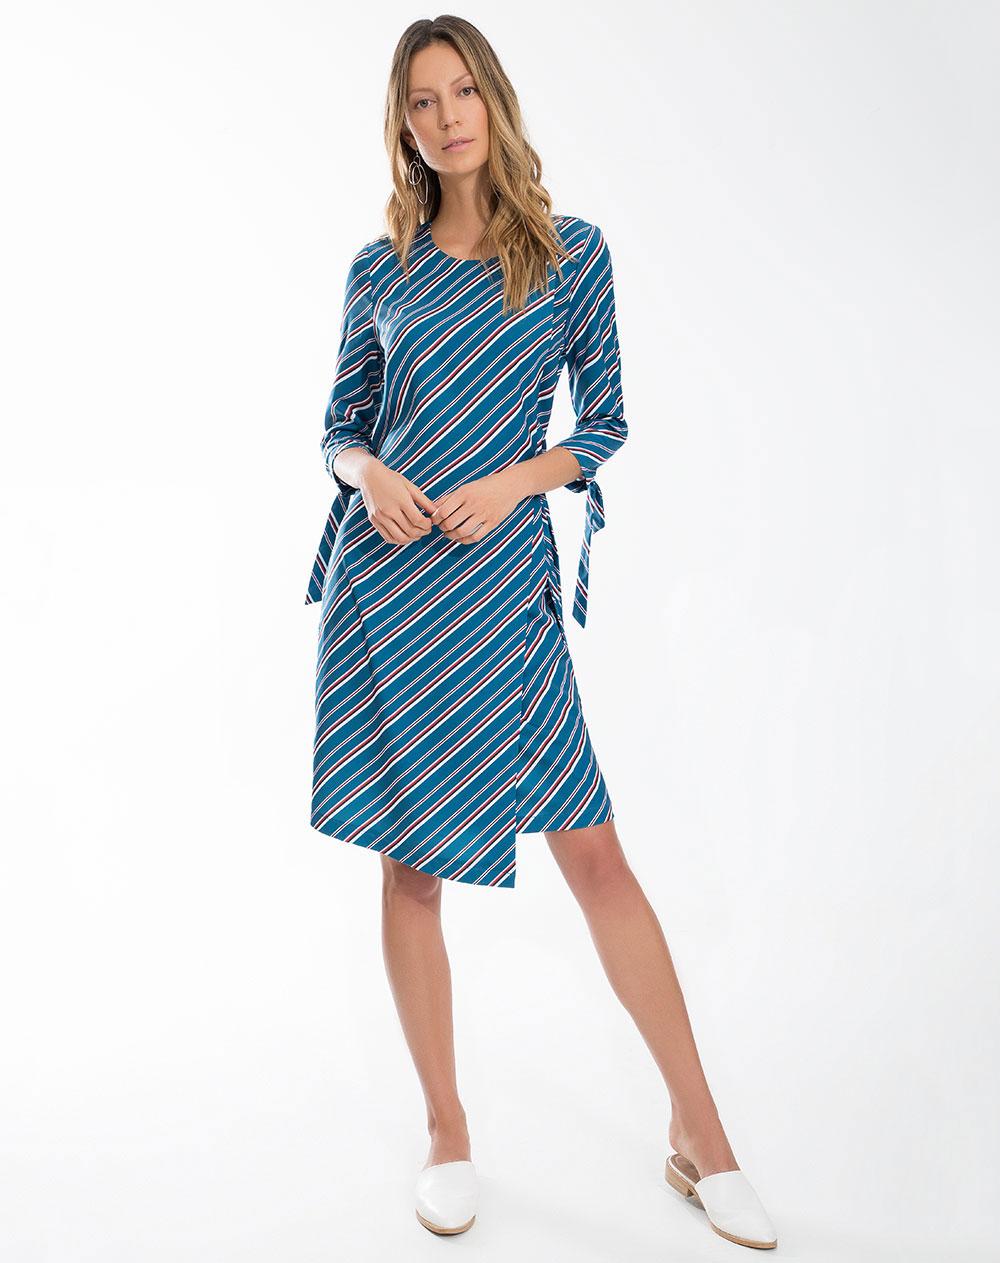 9667633a60 ... image    wcsstore CrystalCo CAT AS PBC ES-CO Imagenes Mujeres  Faldas Vestidos Morelli 1000x1263 Vestido-Mujer-Morelli-Azul-5105-Frente- Punto-Blanco.jpg  ...